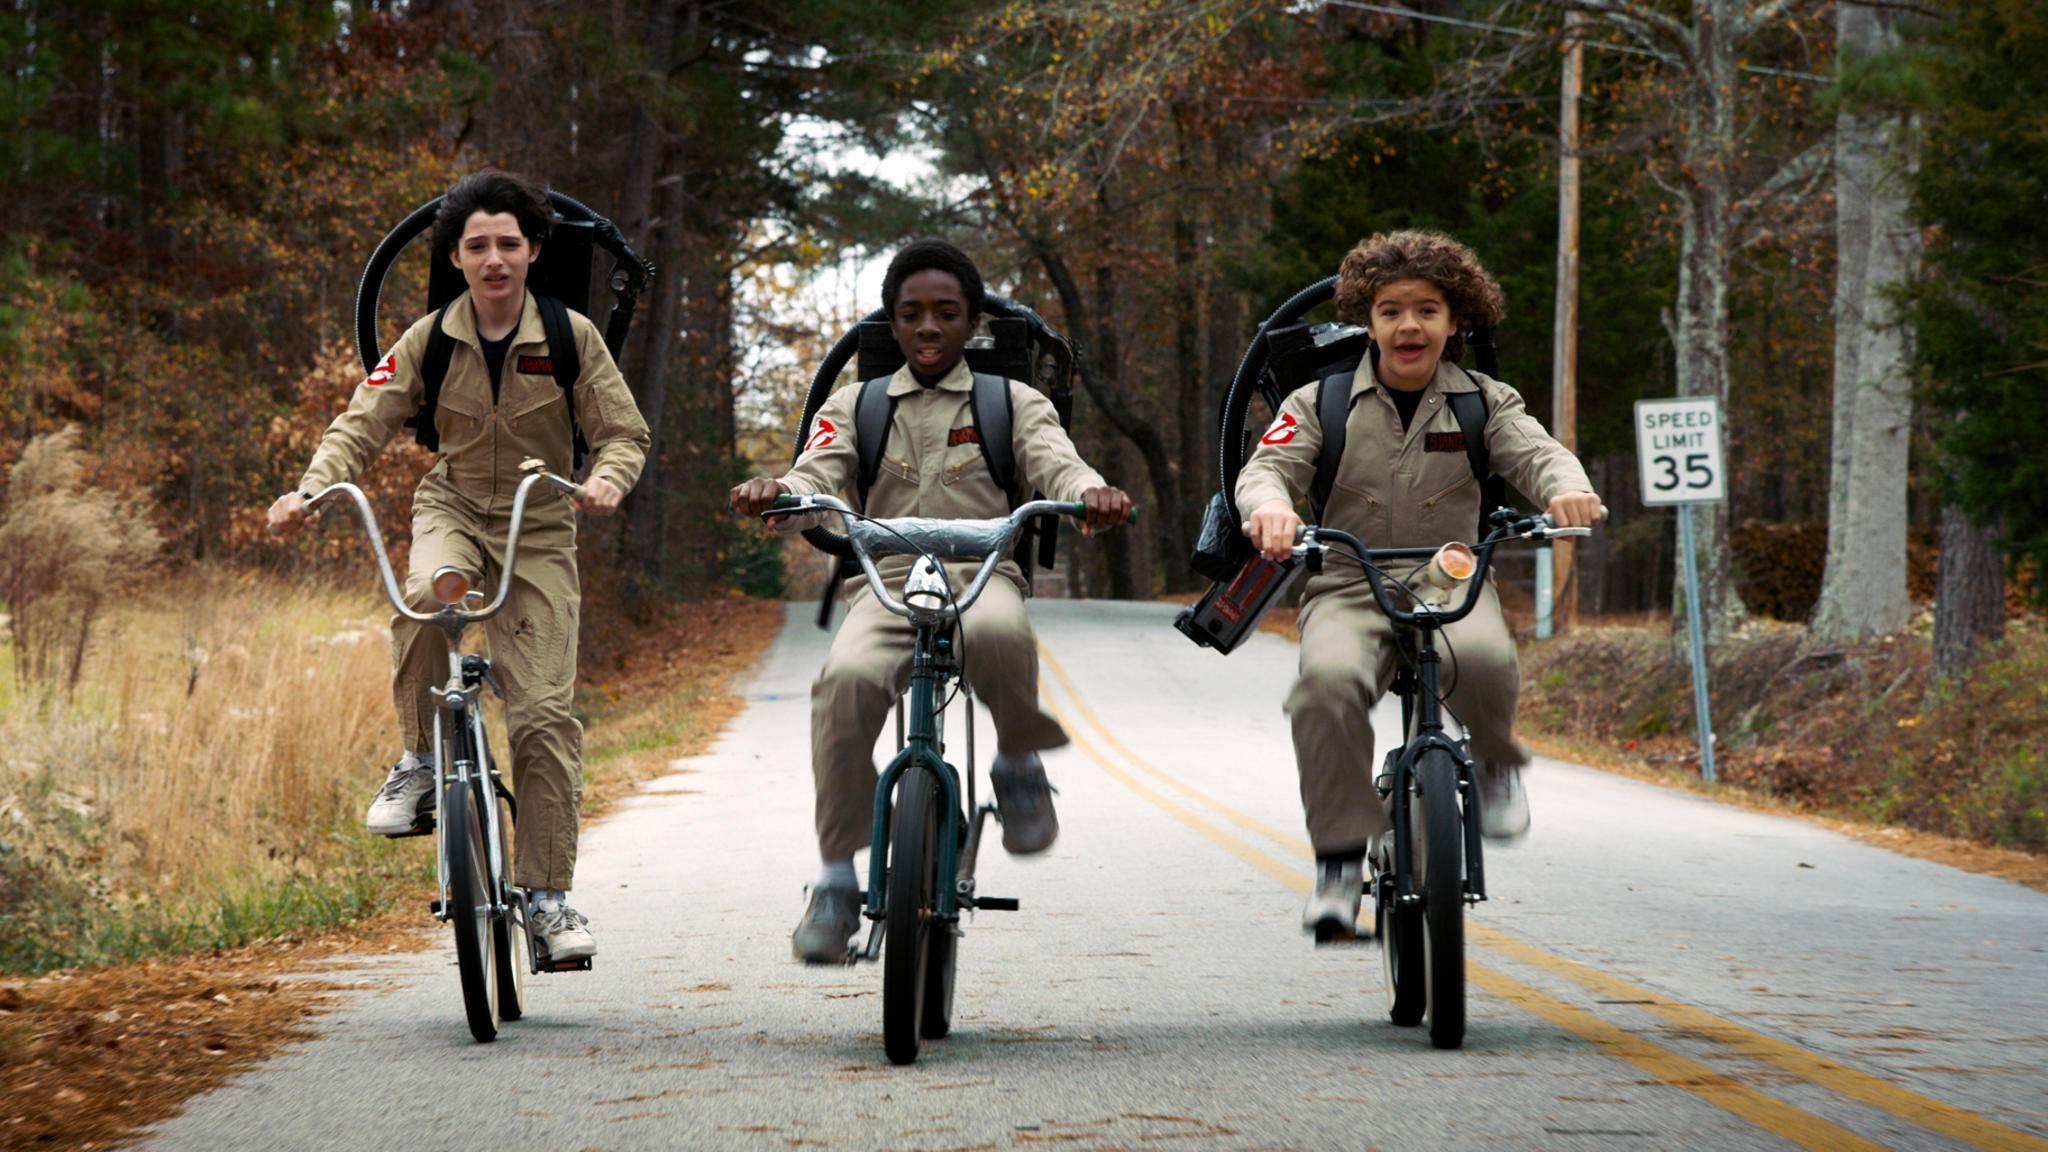 Auf in ein neues Abenteuer geht es für Mike, Lucas und Dustin in Staffel 3.